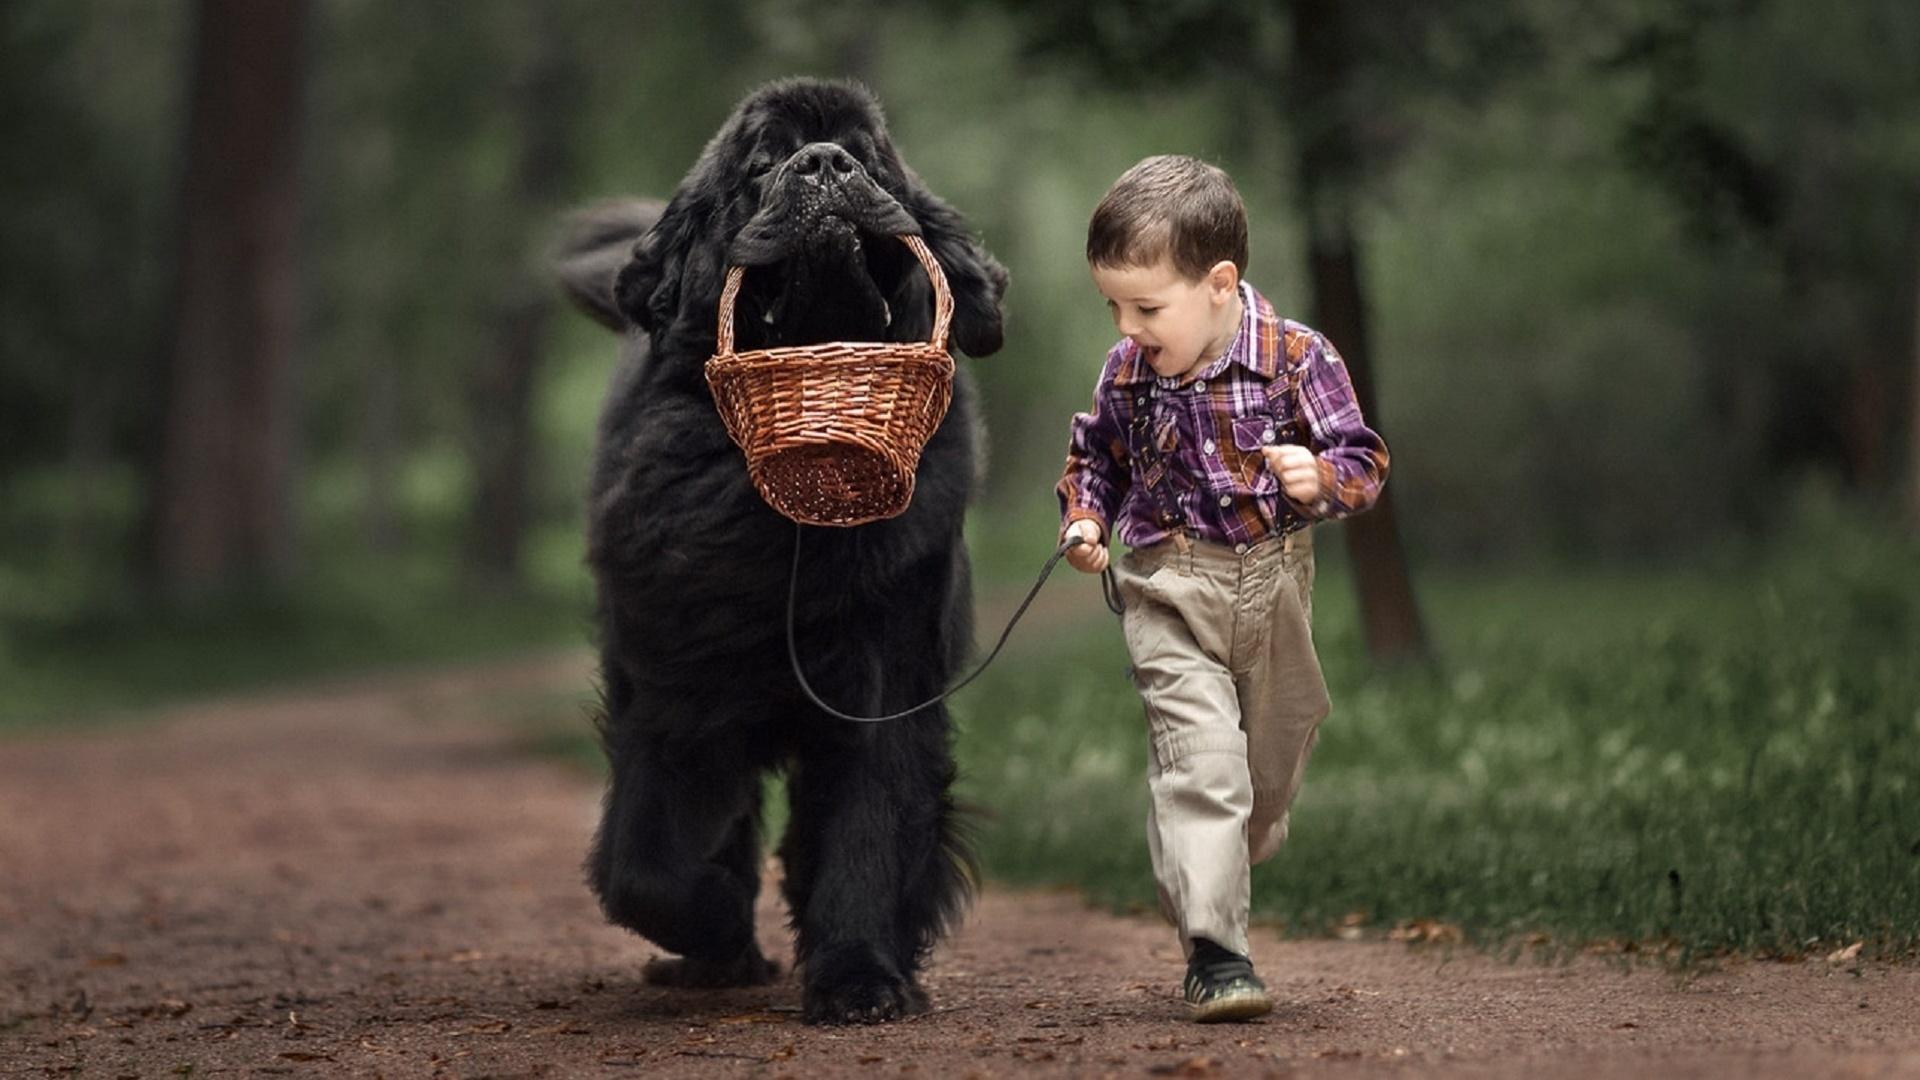 нужна лучший друг в мире картинки гуляш это густой